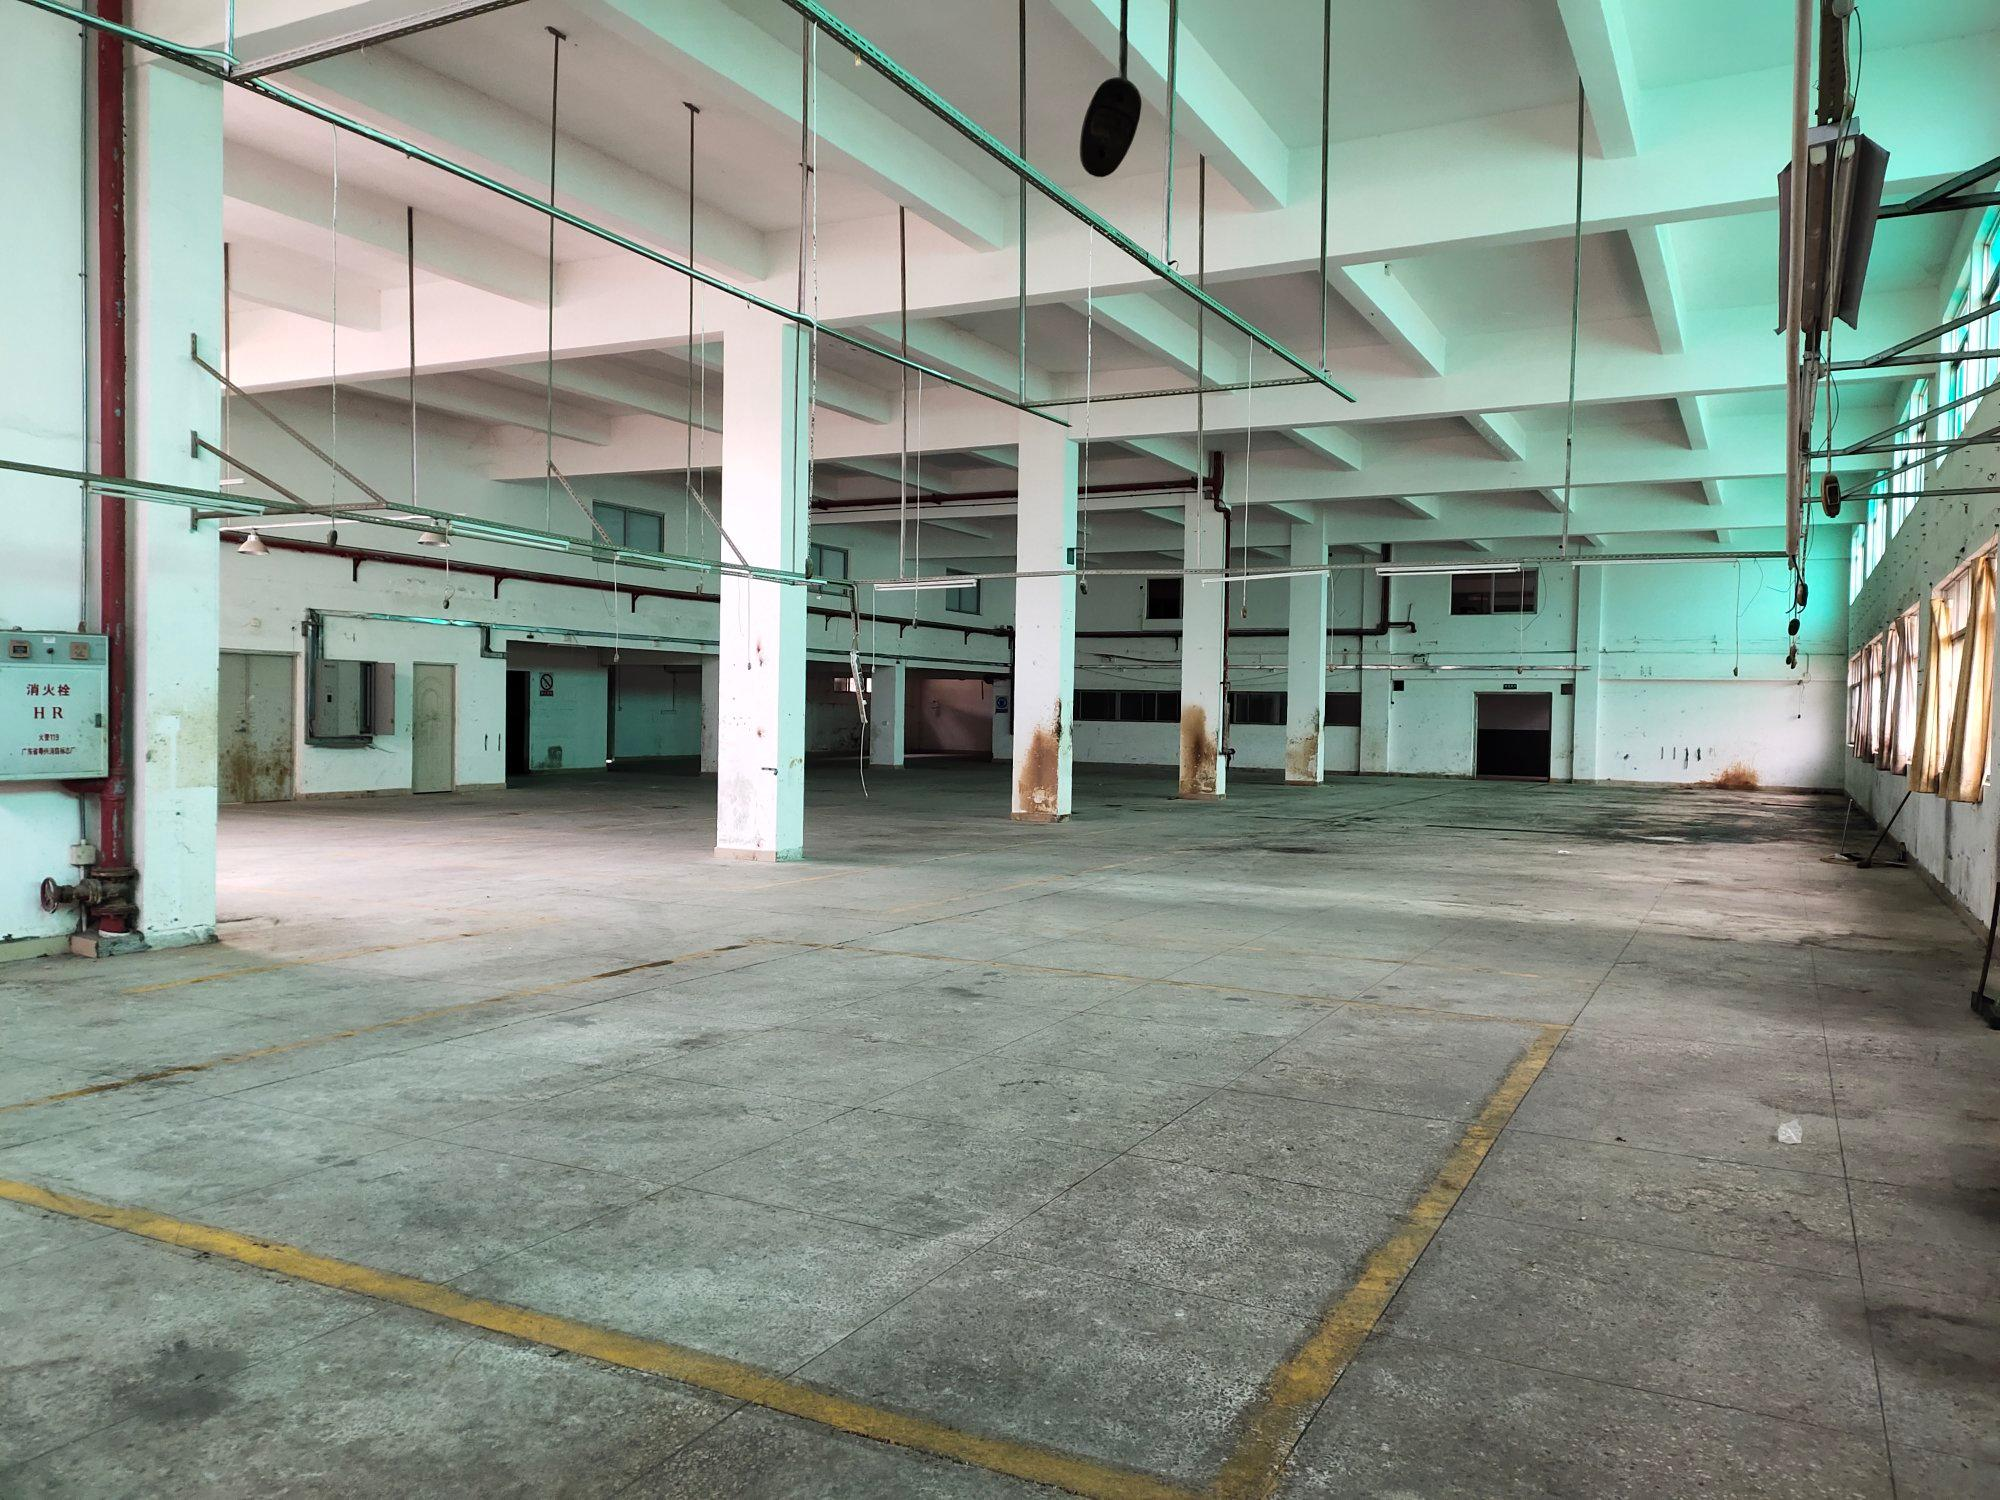 惠城区水口新出厂房1500平方招租